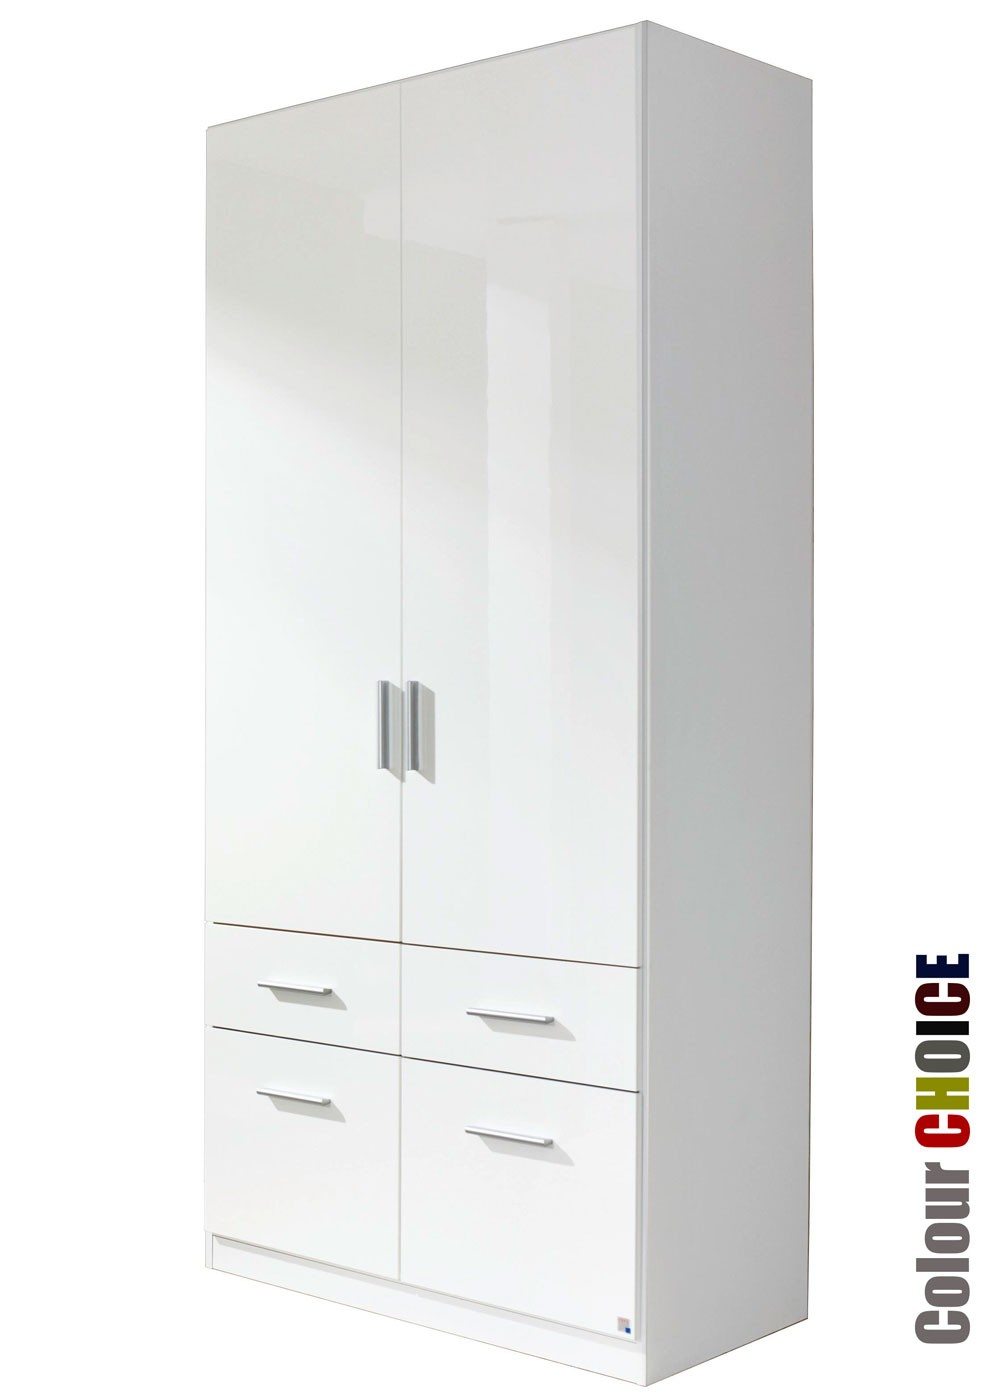 Rauch Cello 2 Door 4 Drawer White Wardrobe